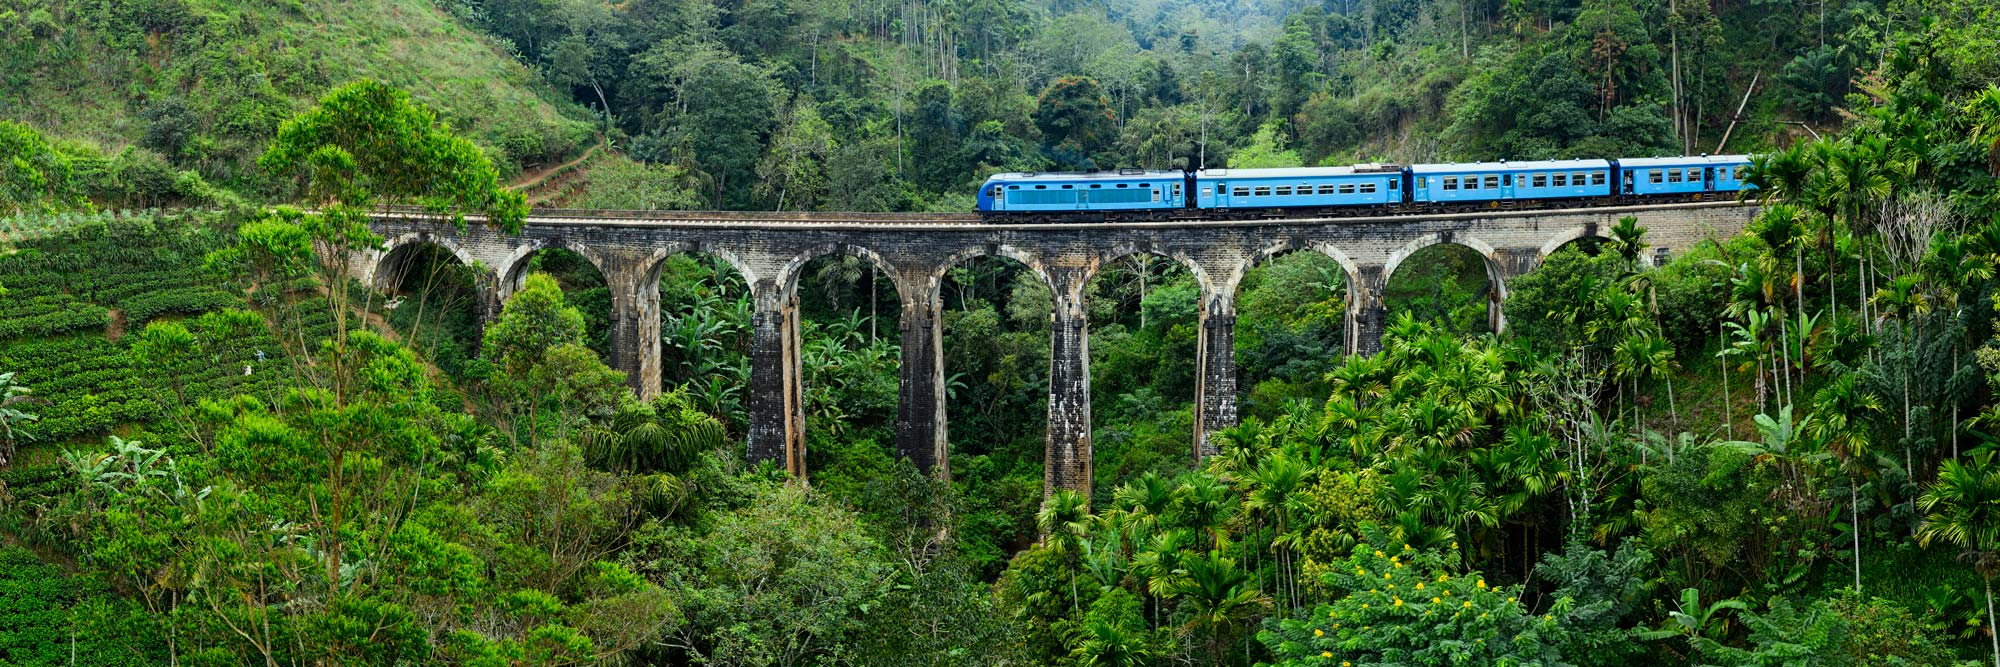 Sri lanken hills